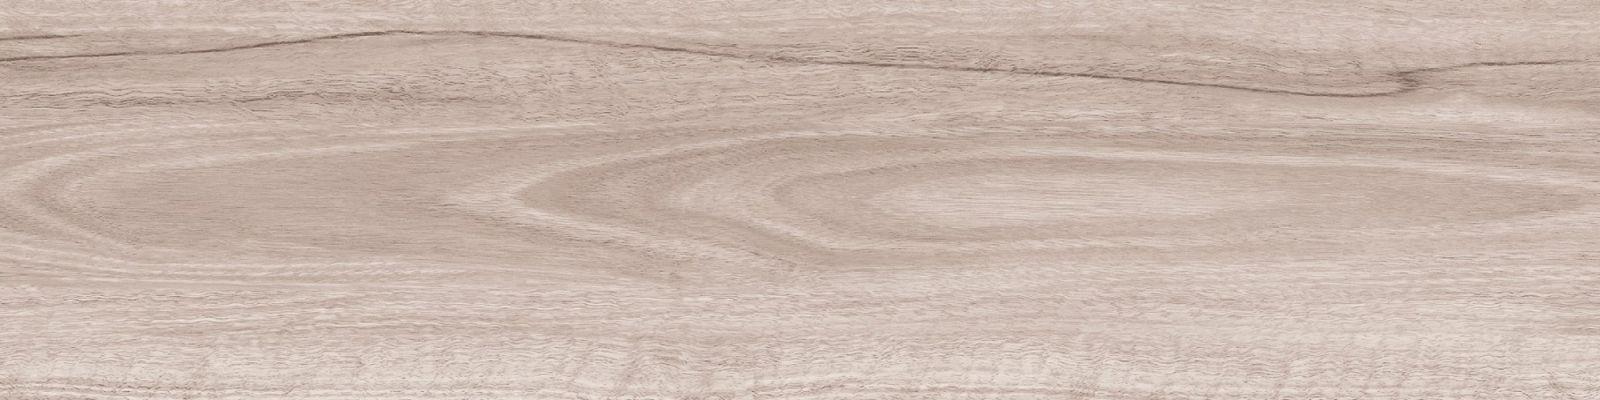 GẠCH GIẢ GỖ ROYAL 20X80 280350015 - Gạch giả gỗ Hoàng Gia 20x80- Gạch giả gỗ tồn kho